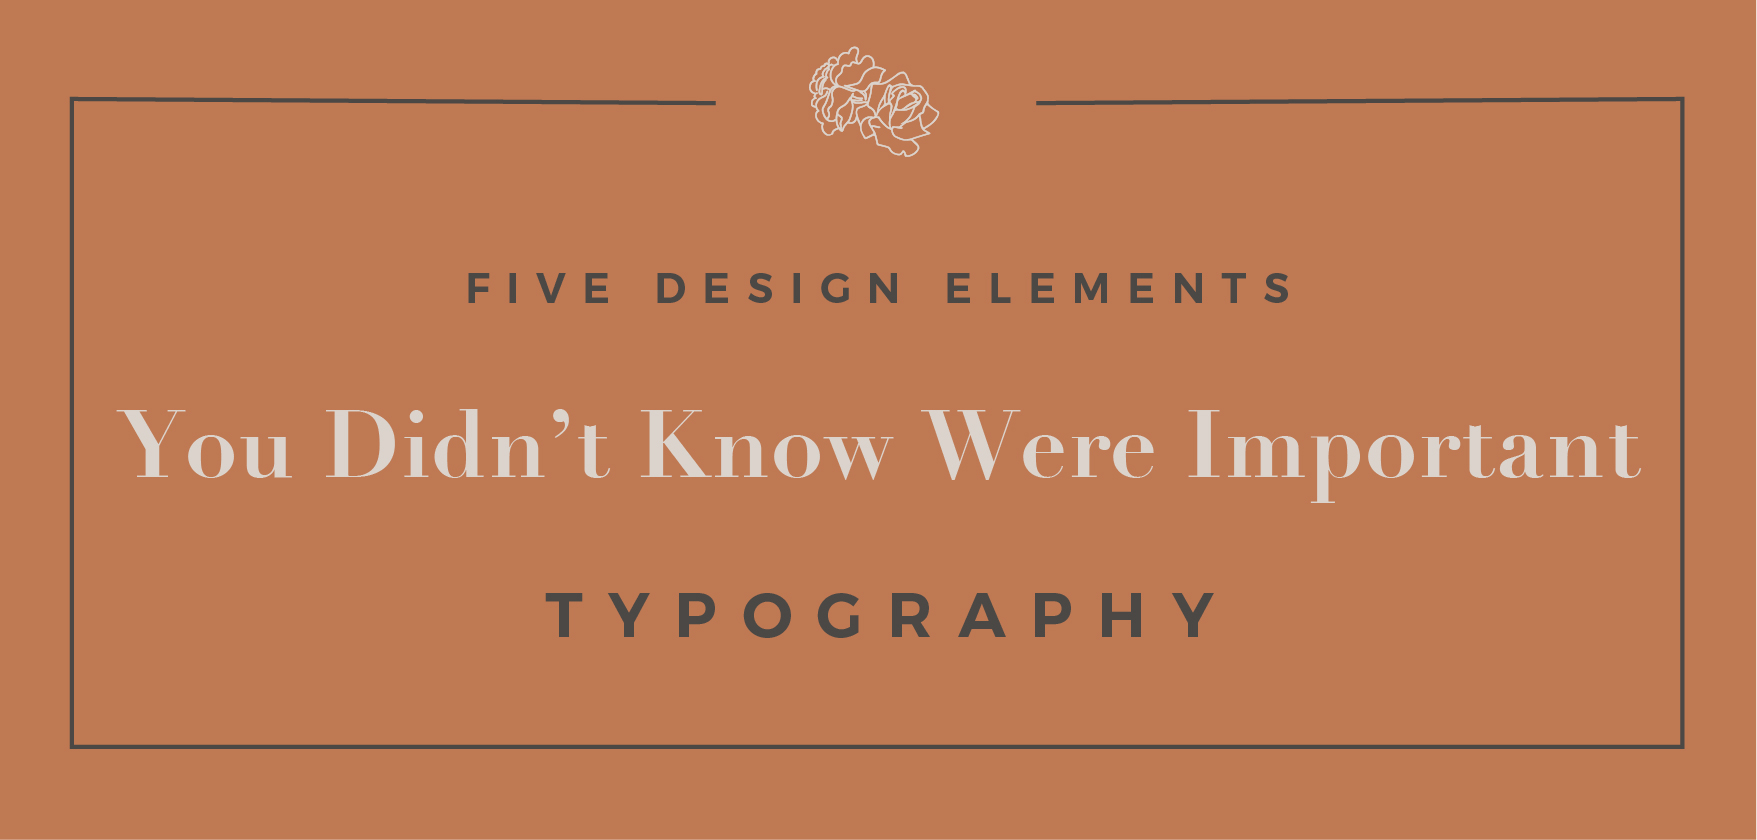 Blogpost-FiveDesignElements-Type.jpg